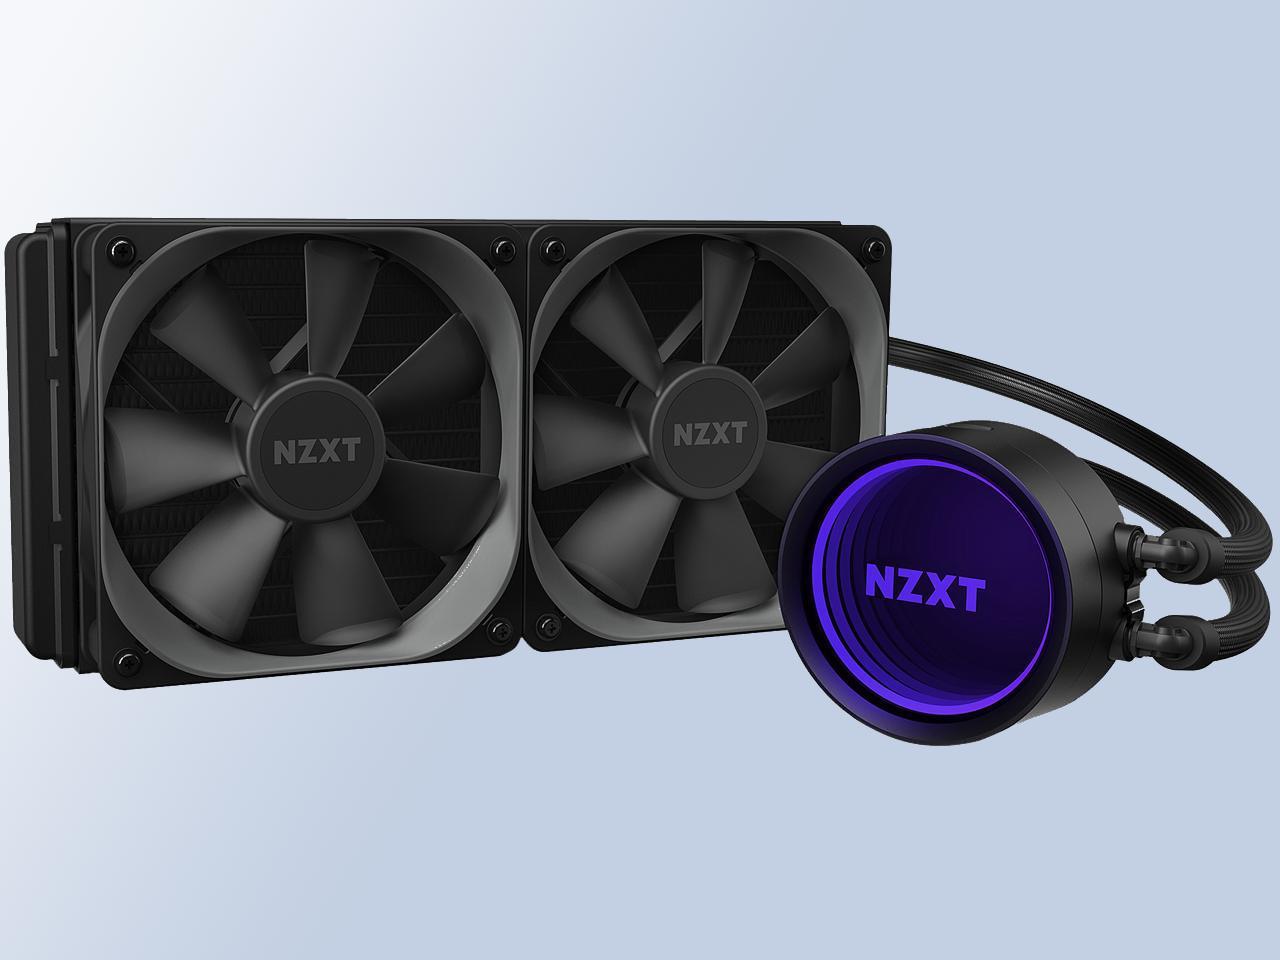 المبرد المائي ألأقوى للكمبيوتر من NZXT...